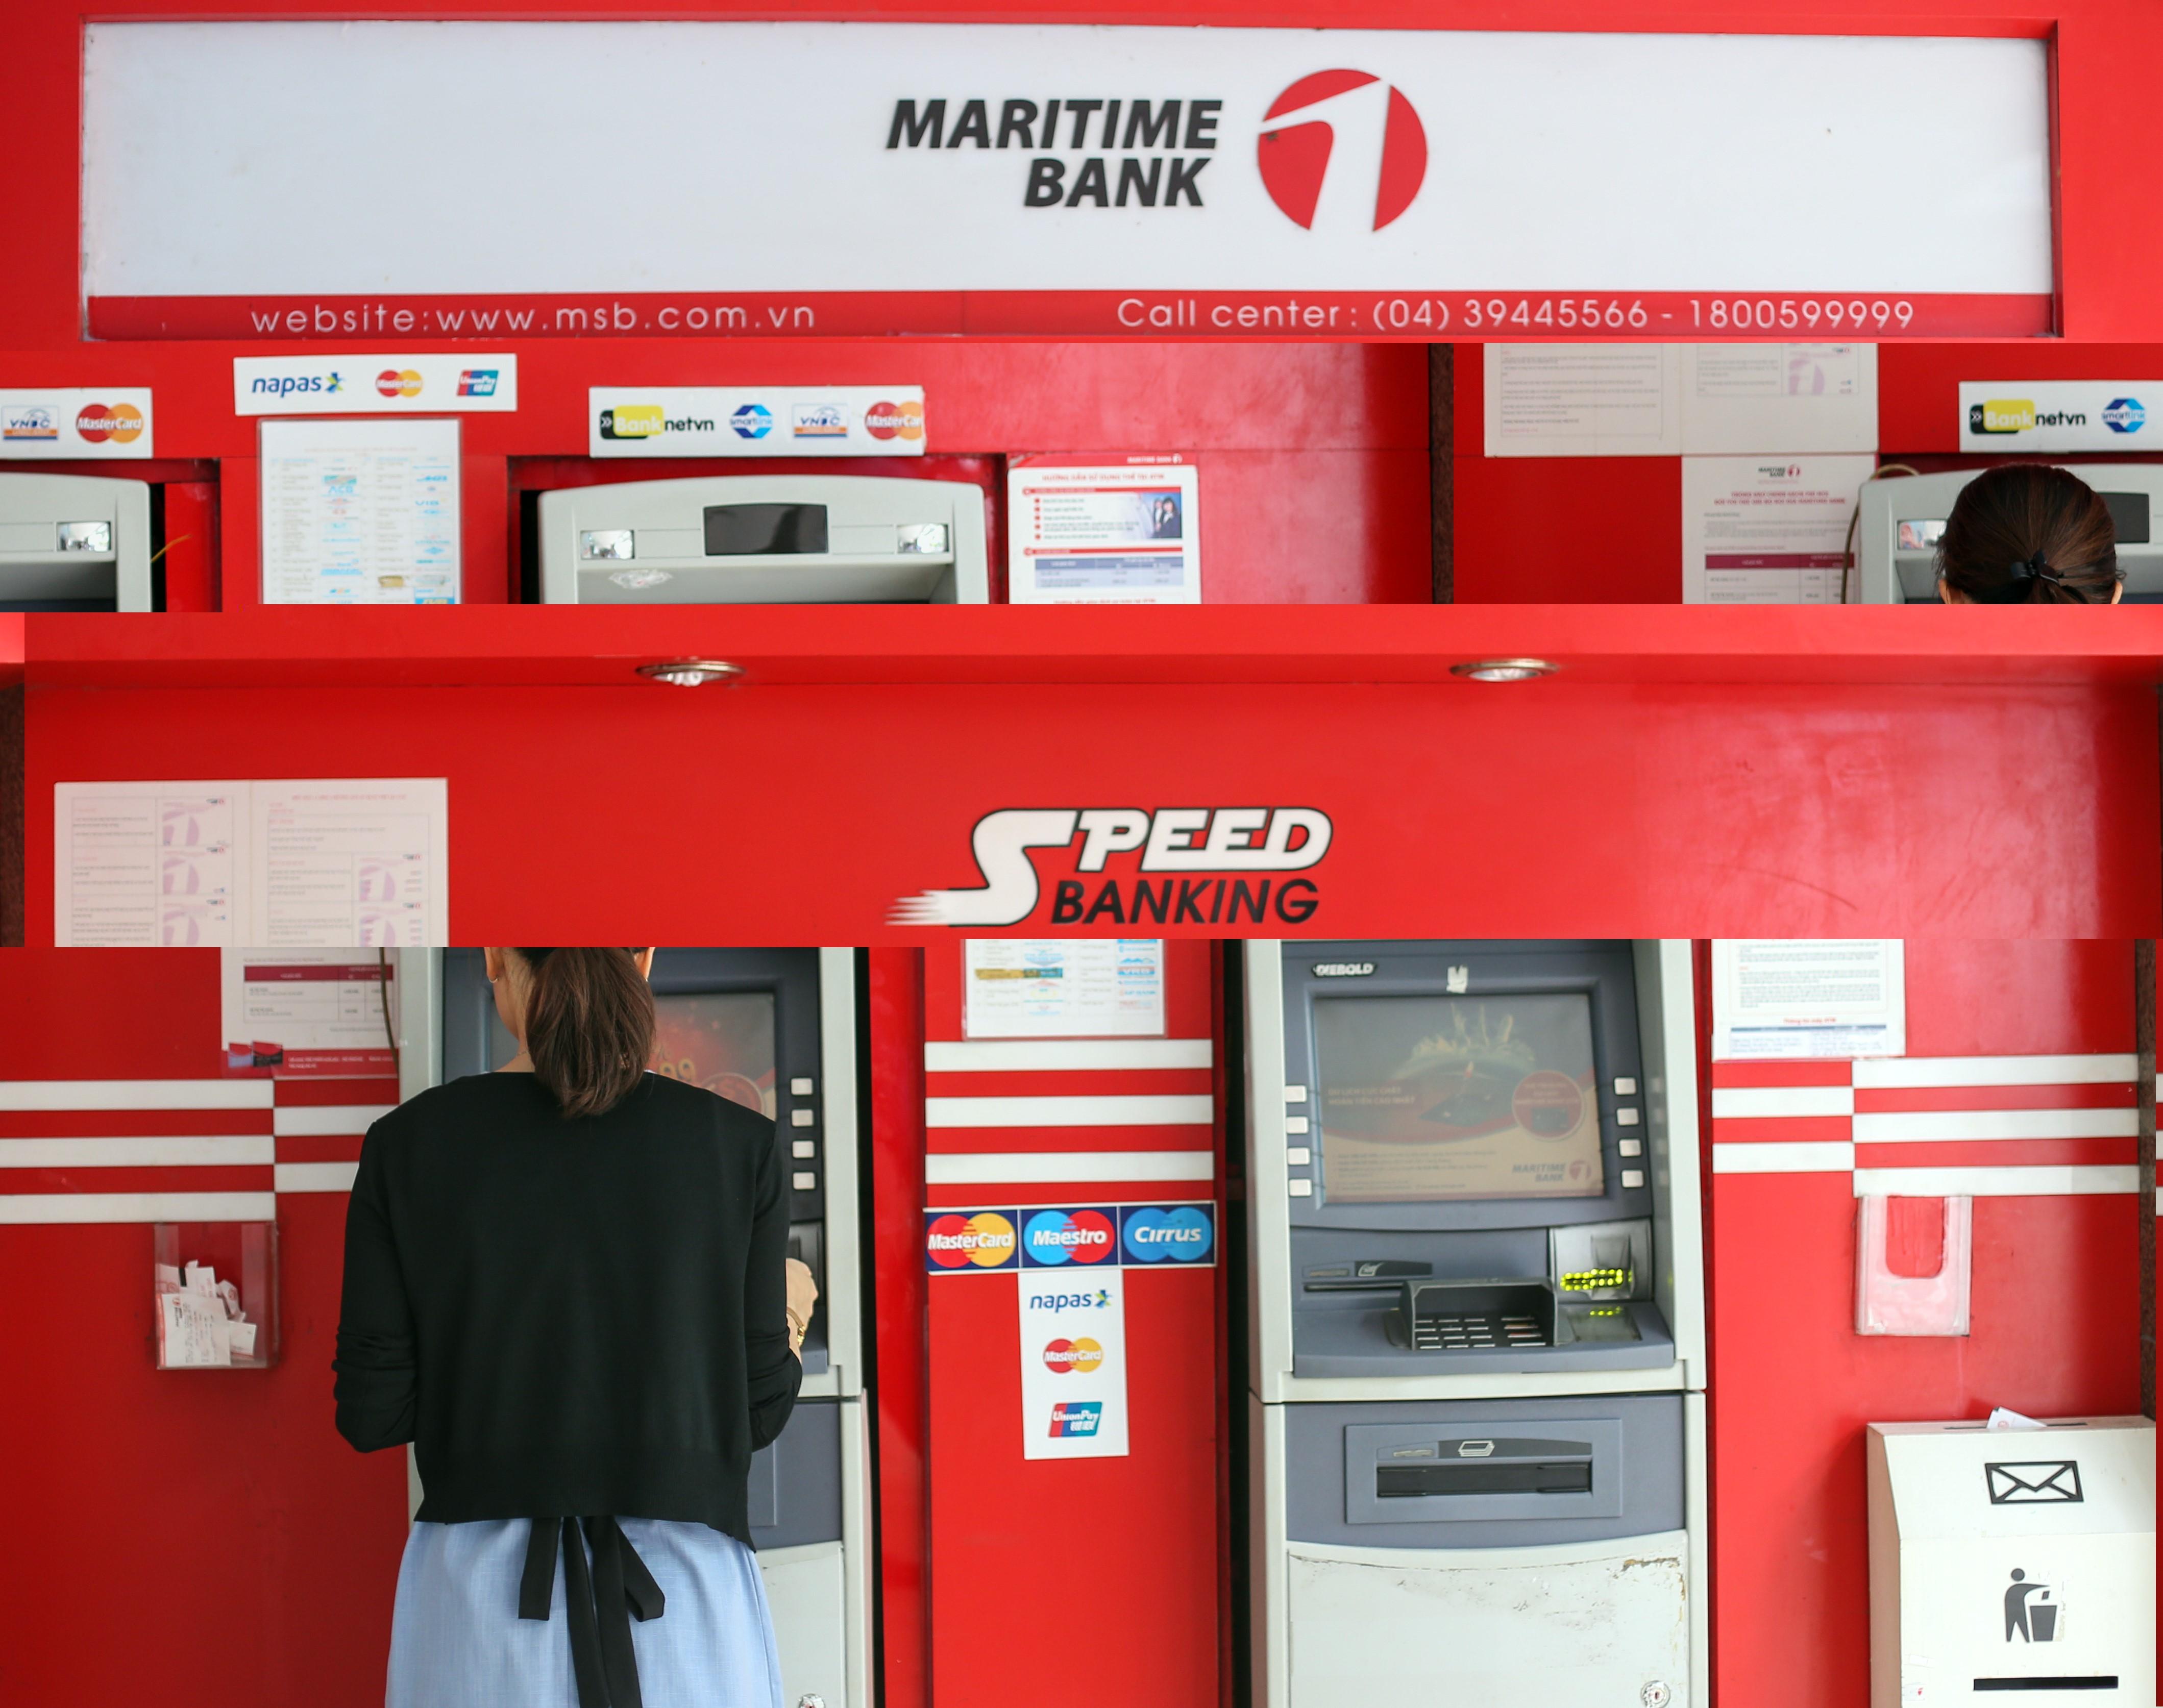 Một sản phẩm - nhiều tiện ích, công thức mới của ngành ngân hàng